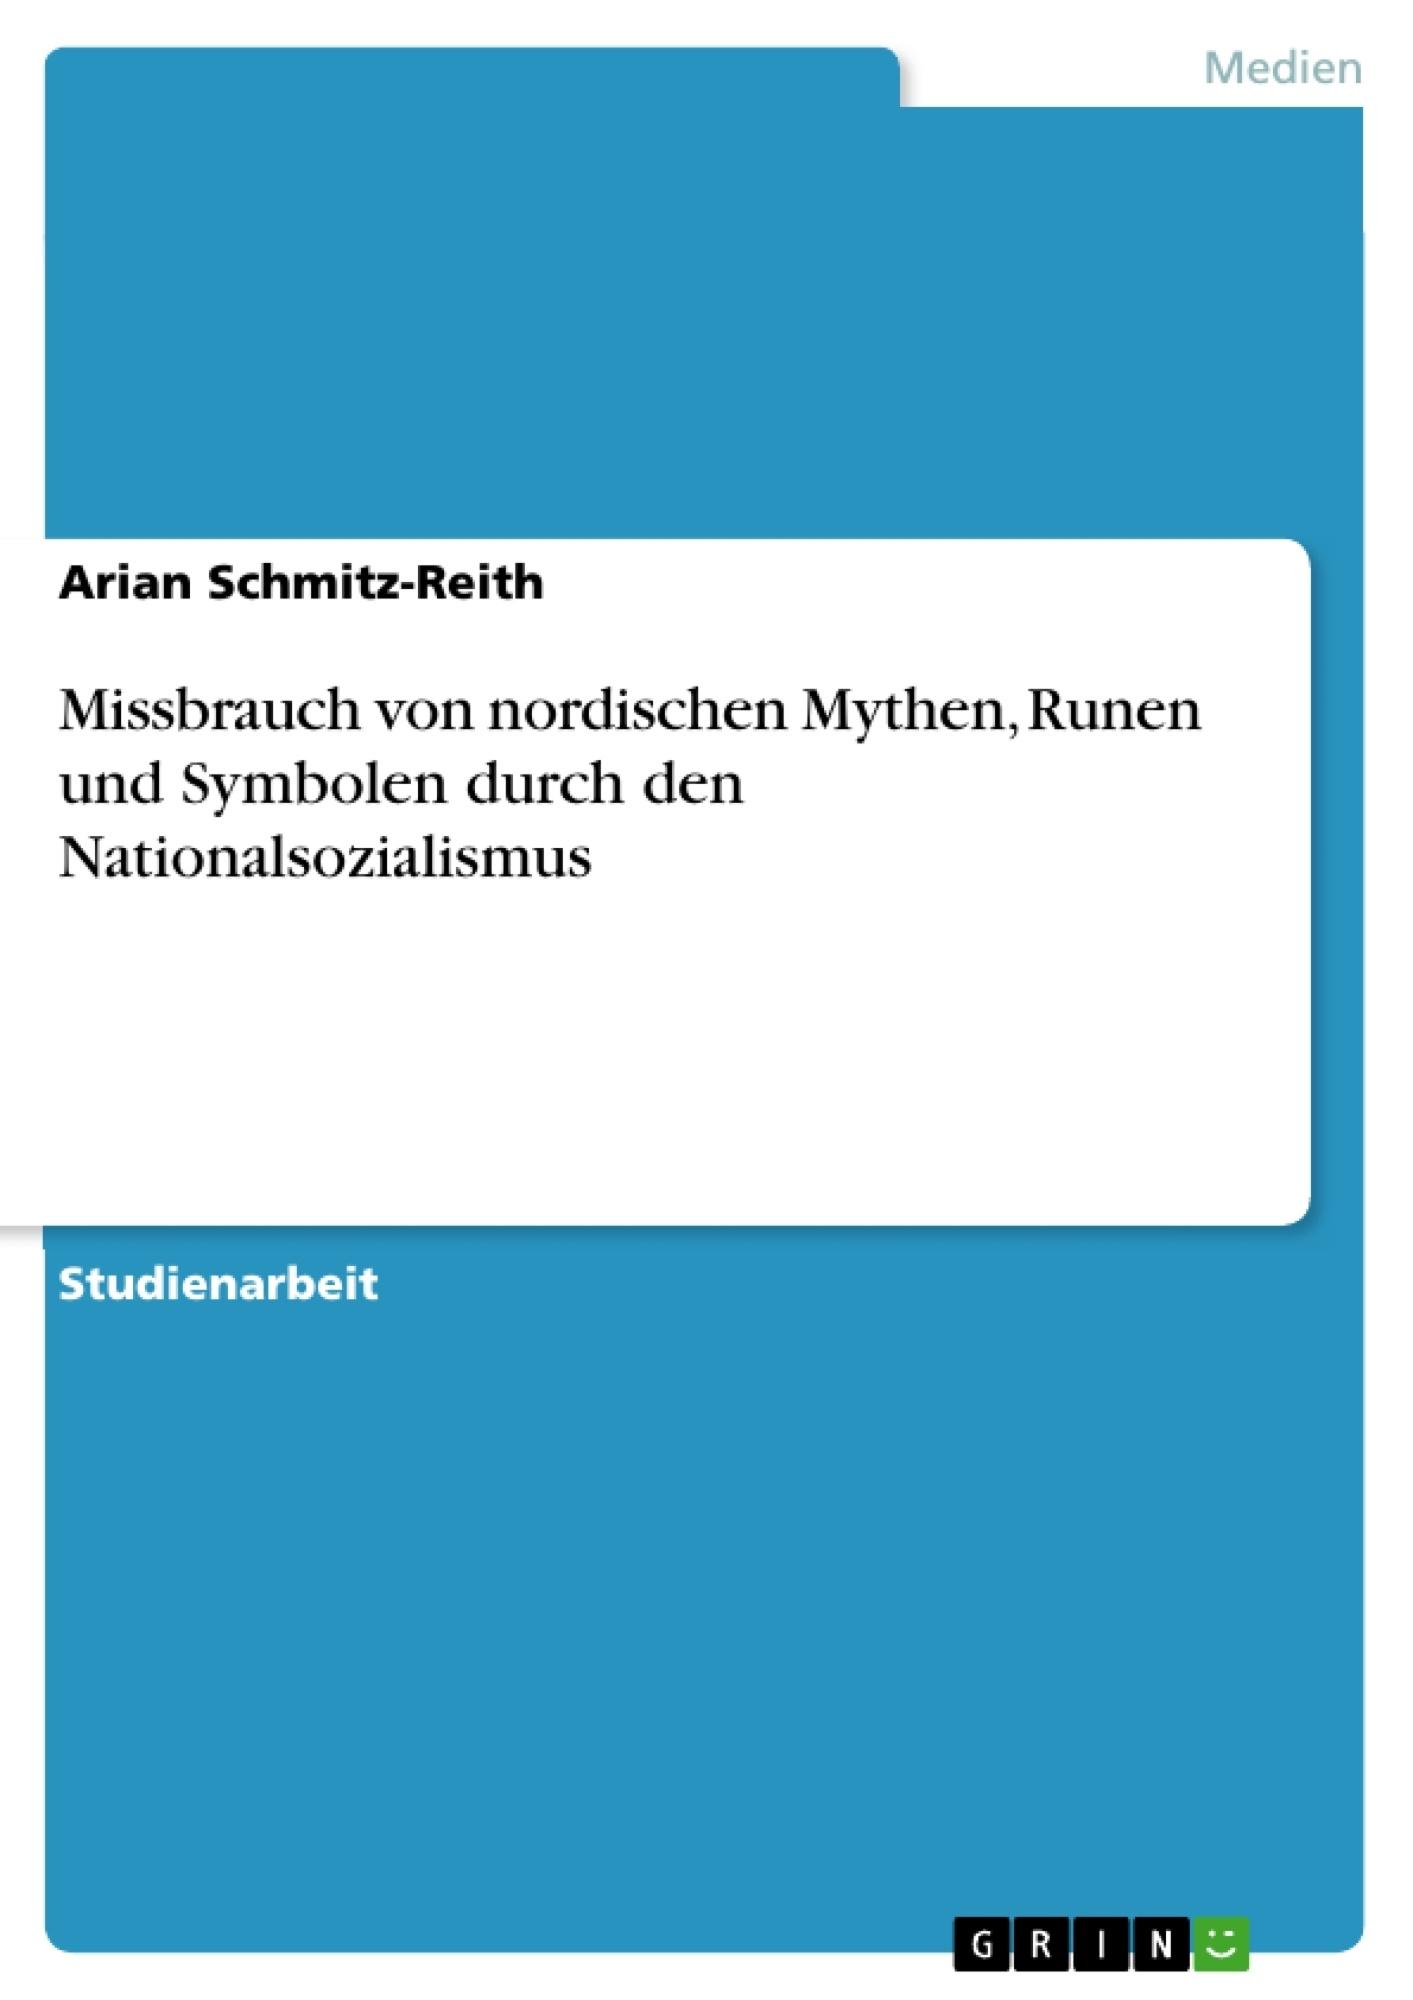 Titel: Missbrauch von nordischen Mythen, Runen und Symbolen durch den Nationalsozialismus